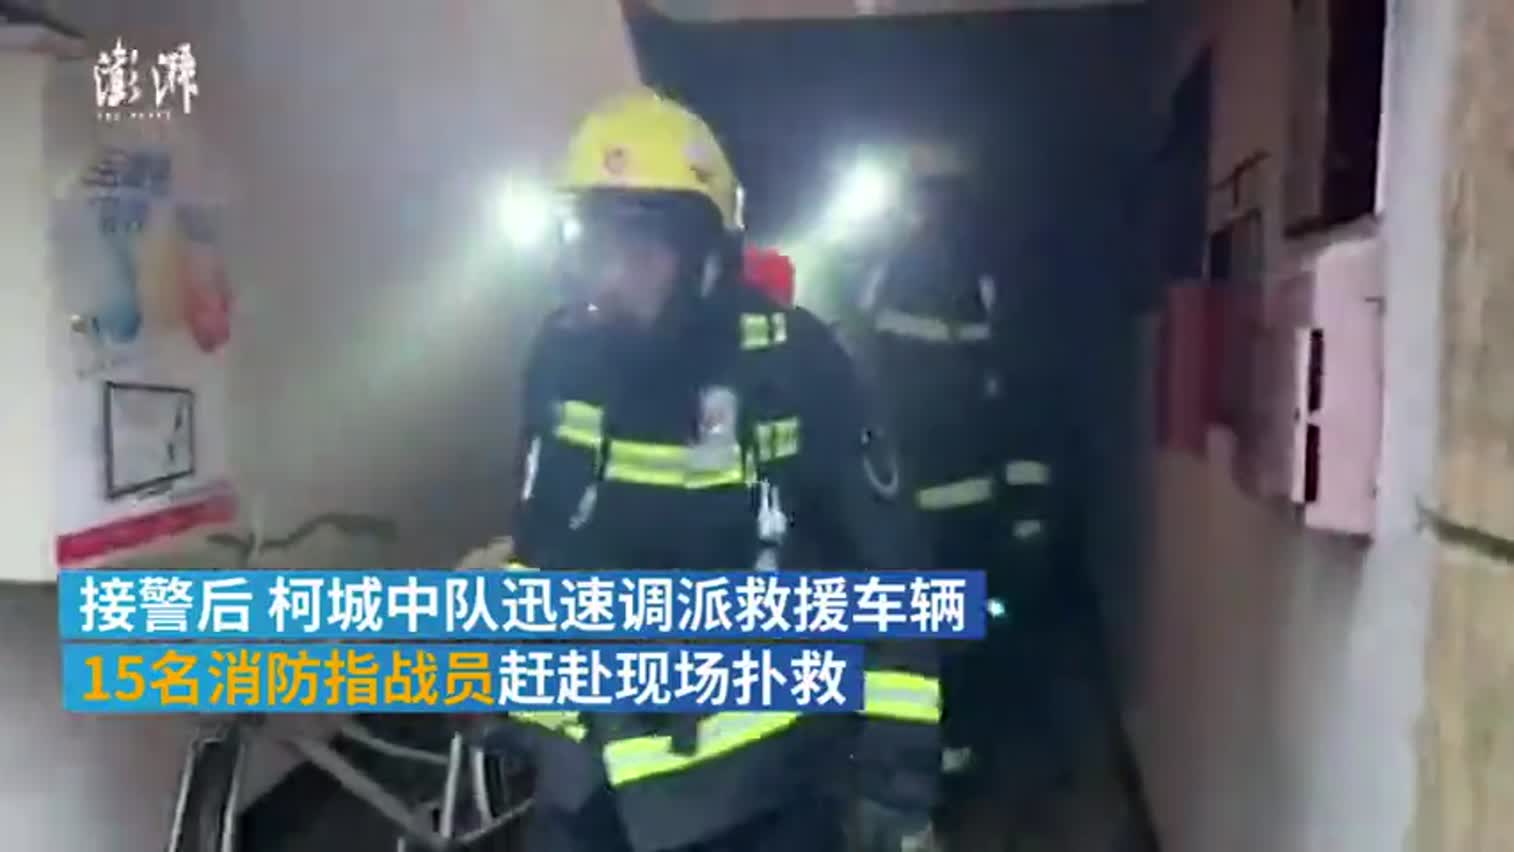 视频-21岁消防员火灾现场抱出2岁宝宝 温柔安抚